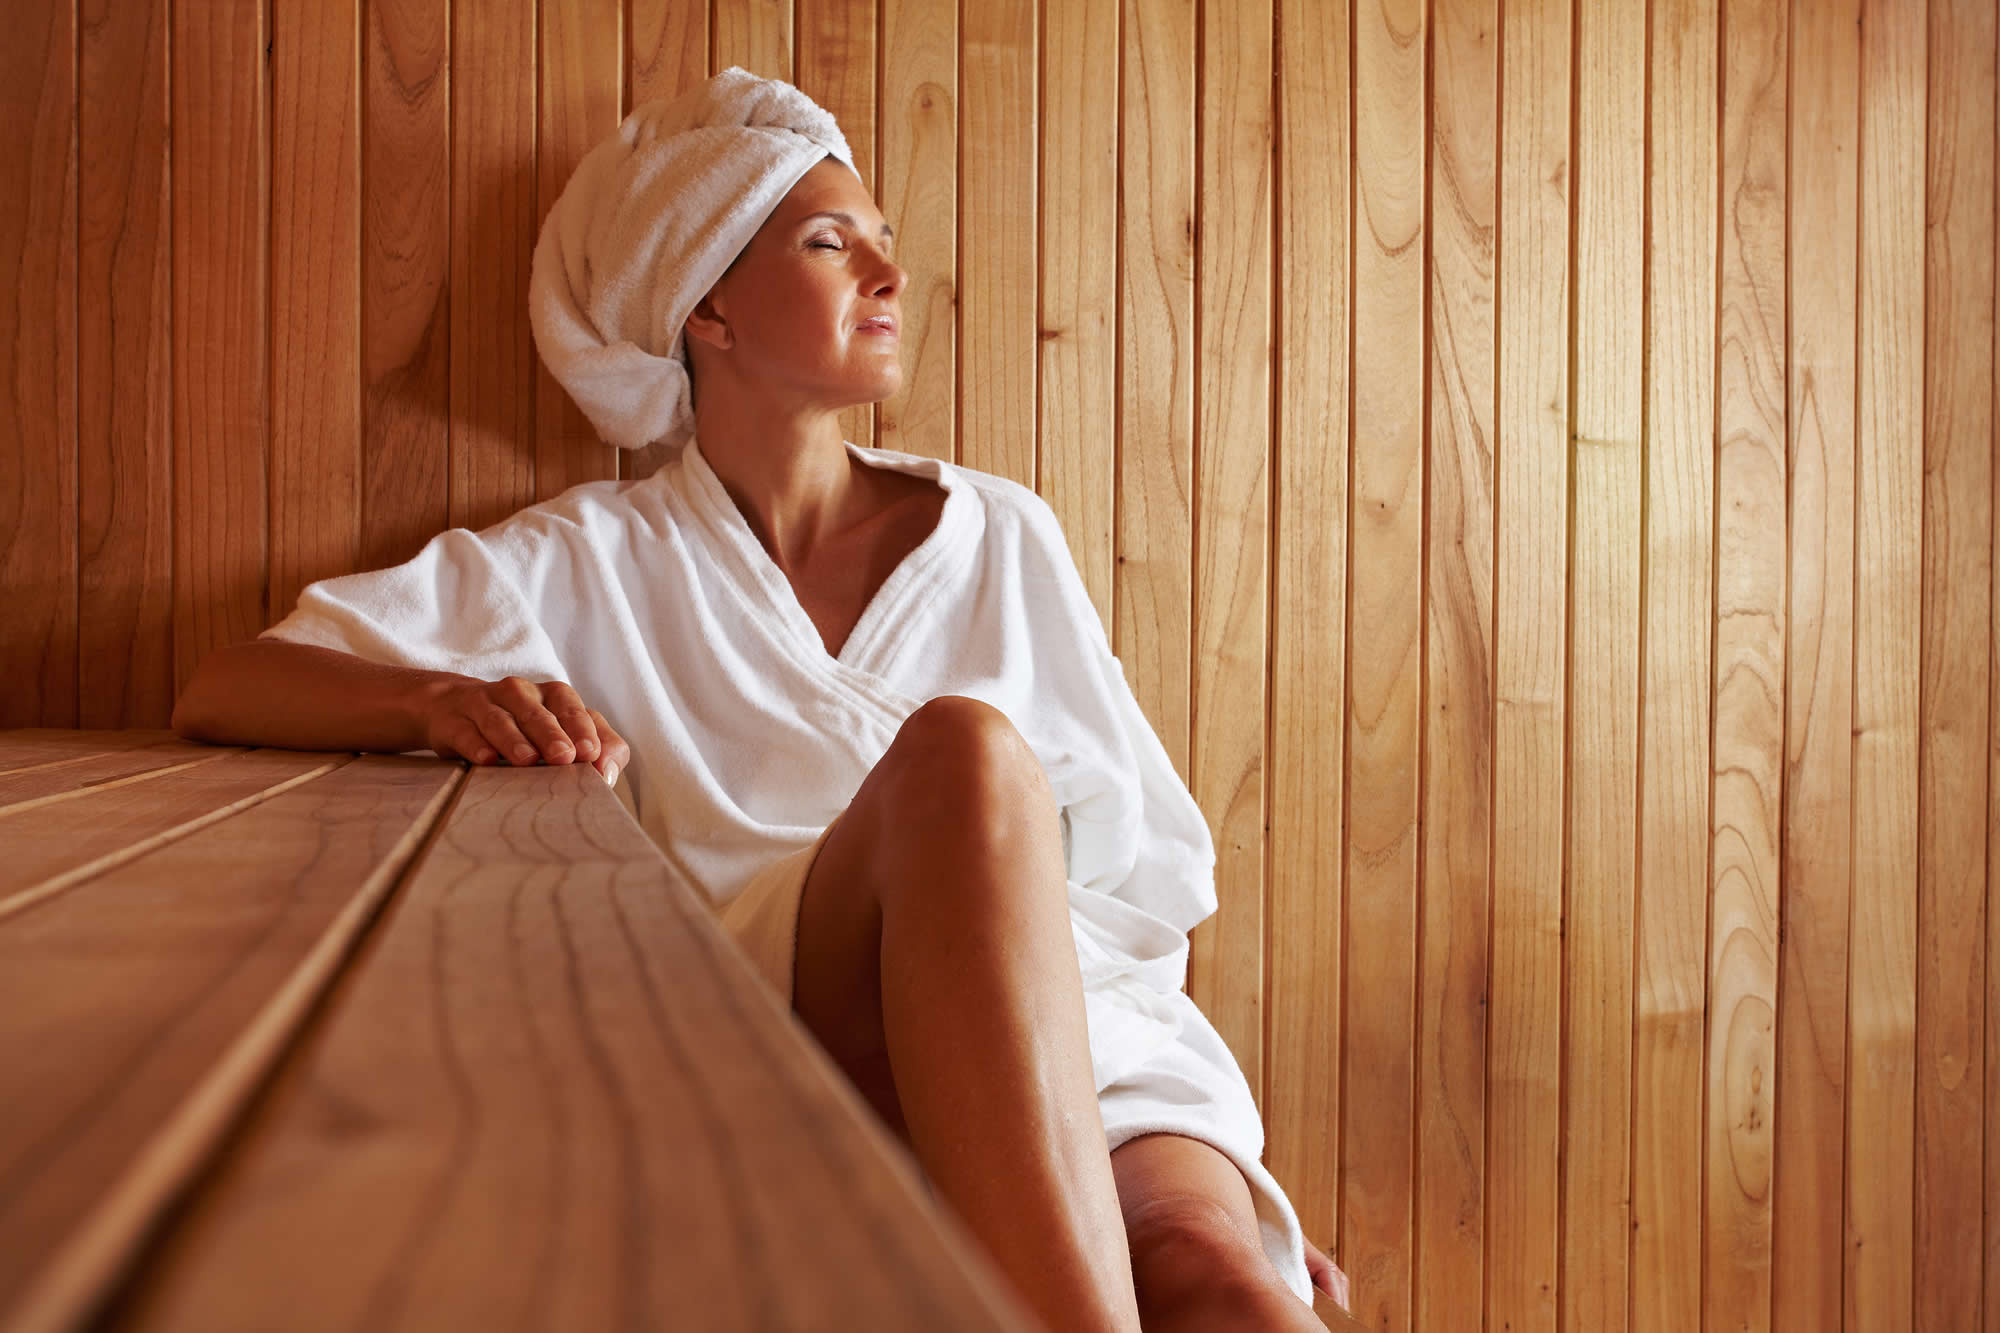 SA-Sauna South Africa - benefits of saunas